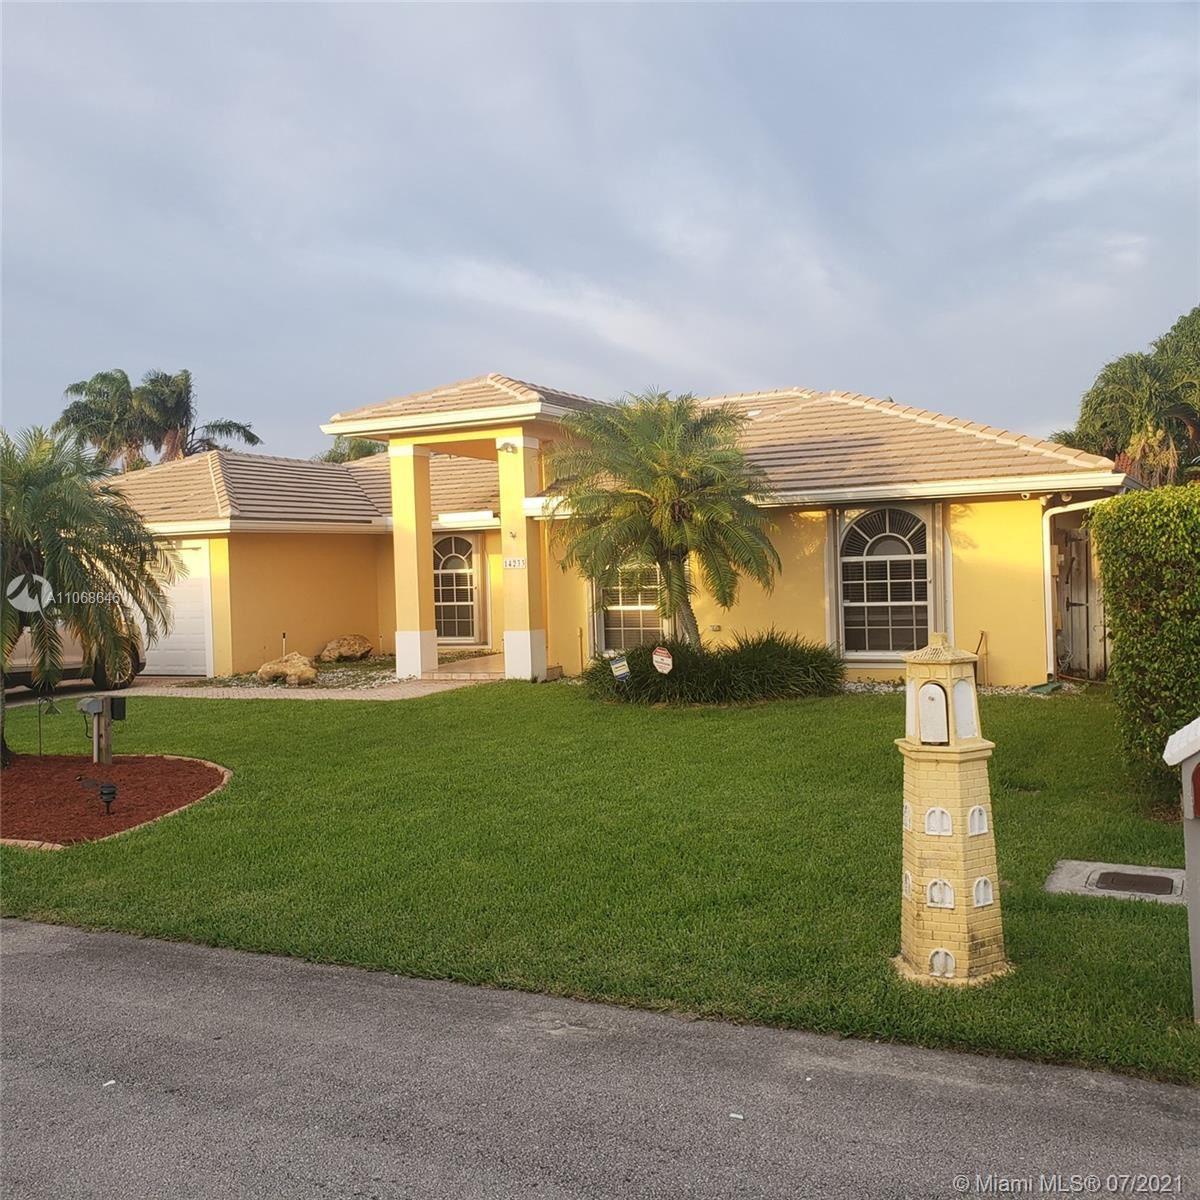 14233 SW 152nd Ct, Miami, FL 33196 - #: A11068646